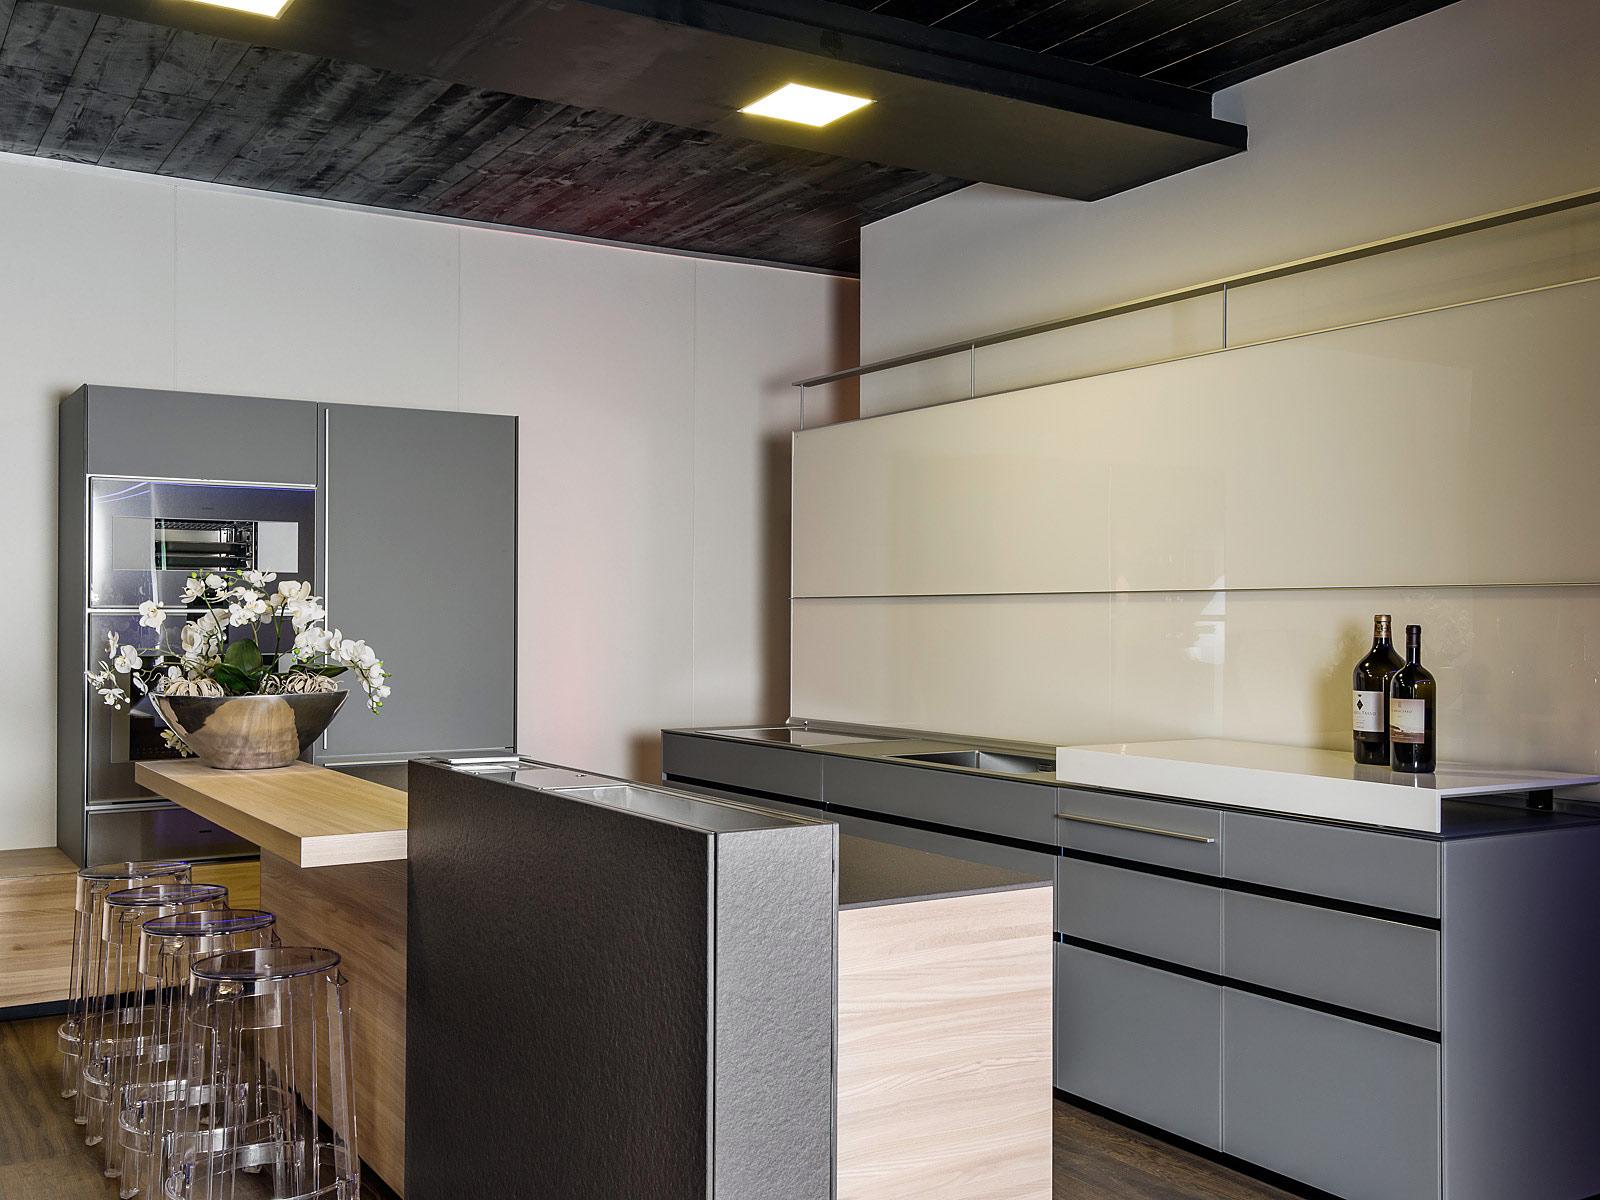 Architekturfotografie Innenraum, Küchen Fotoaufnahmen im showroom, Kitzcorner, on location,